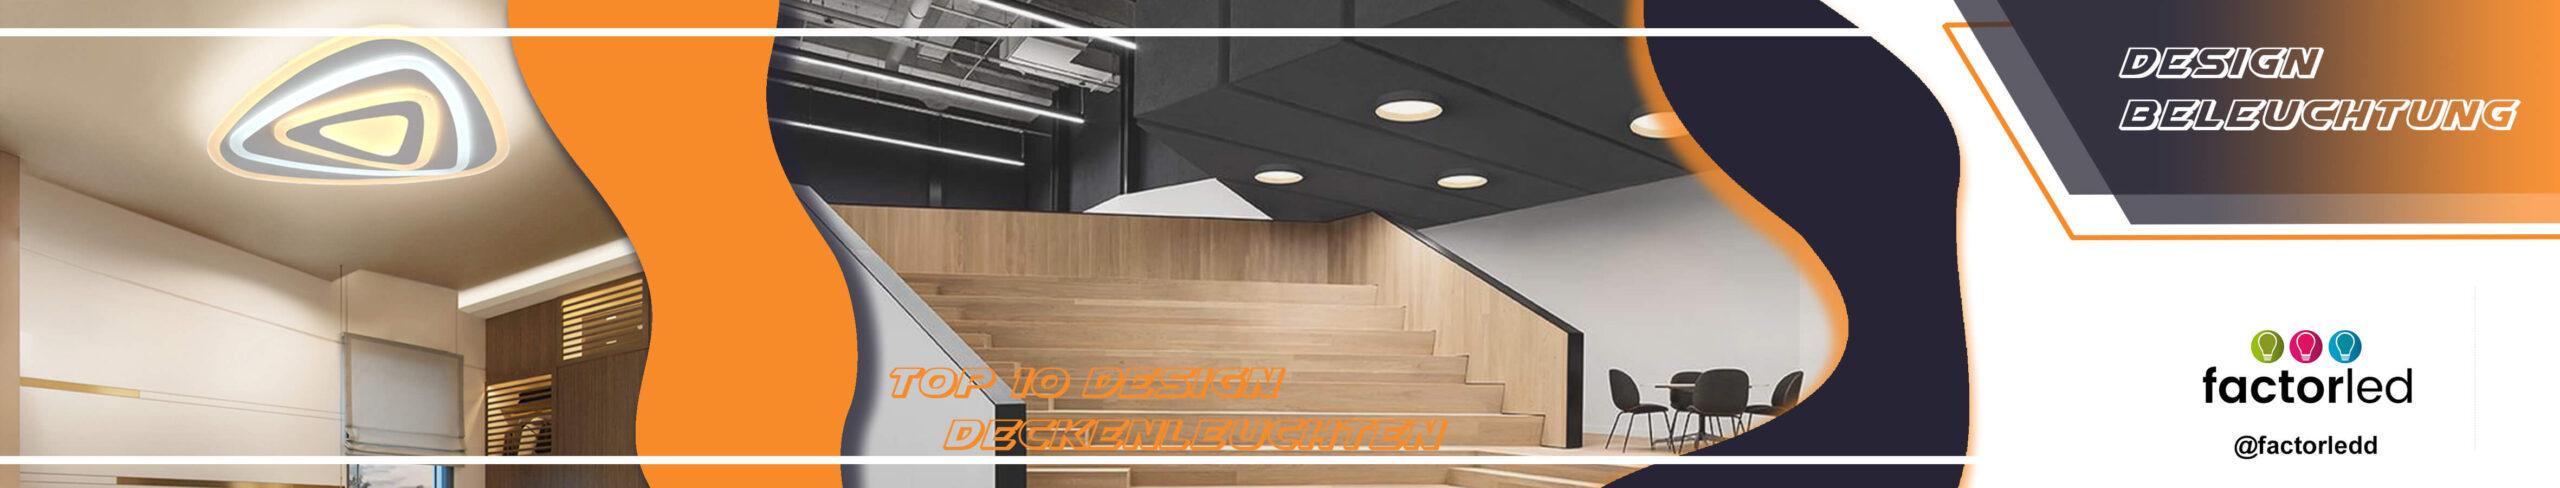 Full Size of Design Deckenleuchten Top 10 Designer Deckenplatten Avantgardistisches Beleuchtung Küche Badezimmer Wohnzimmer Regale Esstisch Lampen Industriedesign Wohnzimmer Design Deckenleuchten